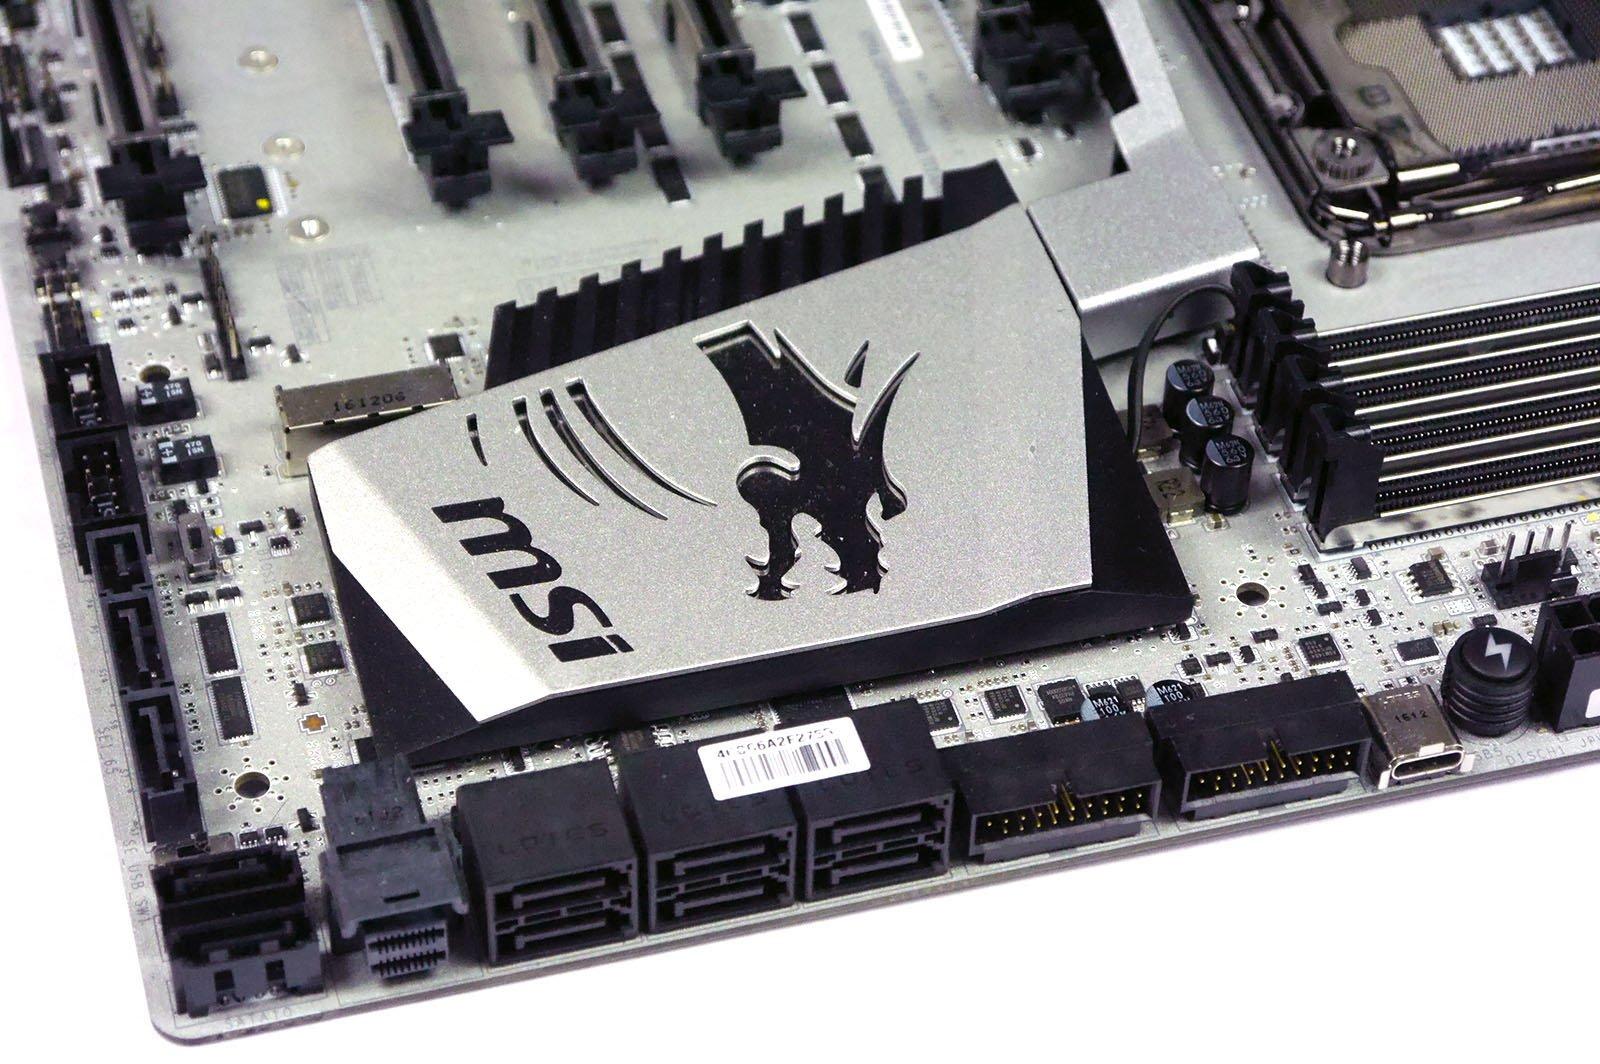 MSI X99A XPOWER Titanium - SATA Ports